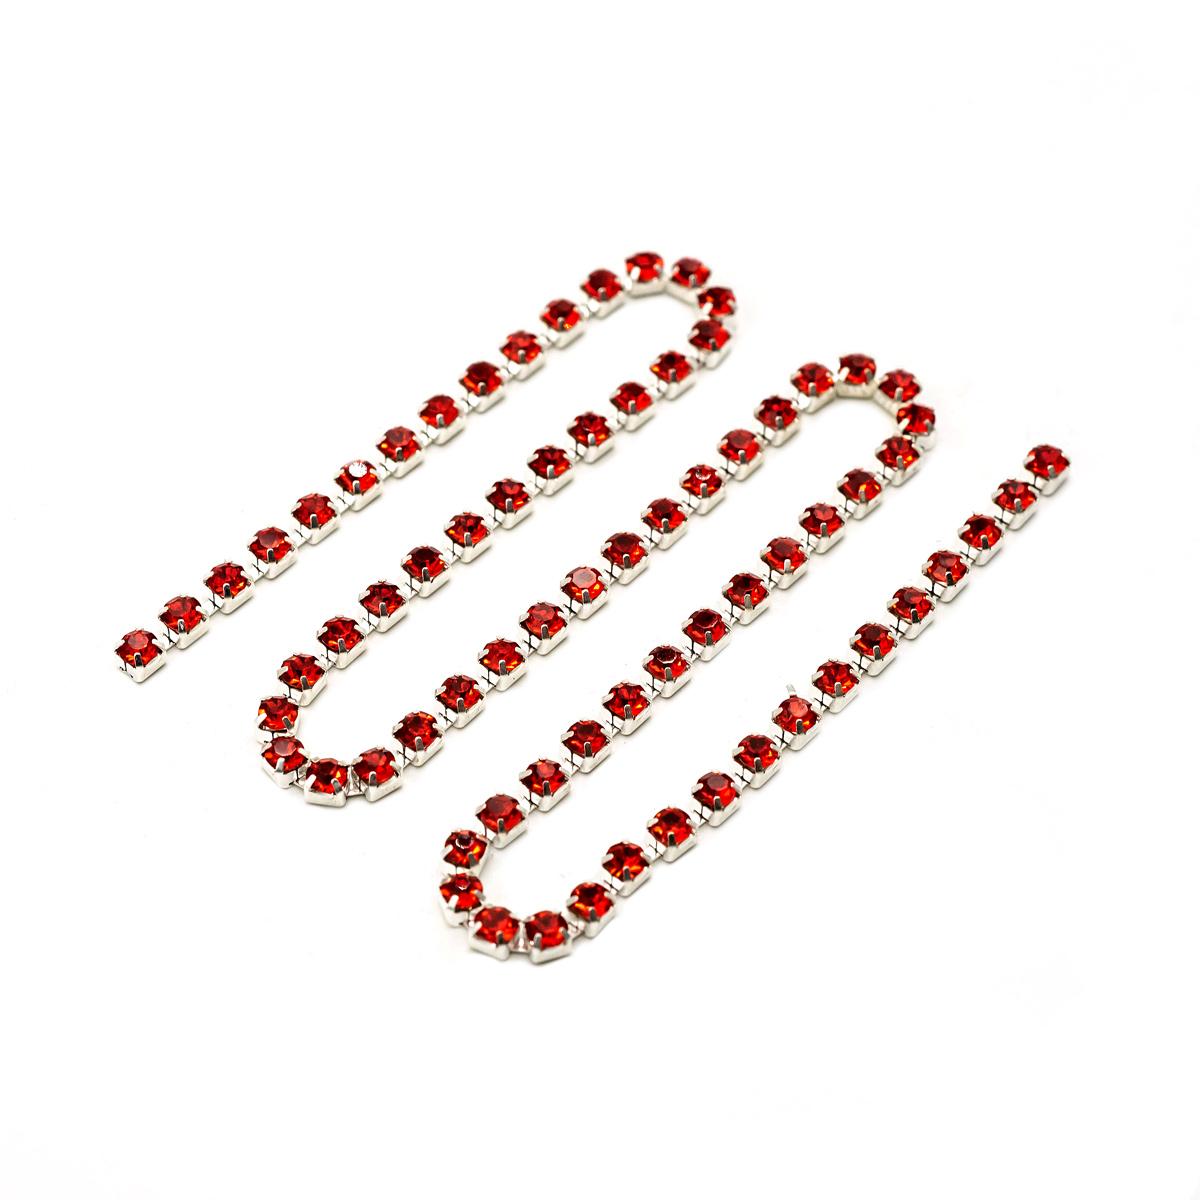 ЦС007СЦ3 Стразовые цепочки (серебро), цвет: красный, размер 3 мм, 30 см/упак.